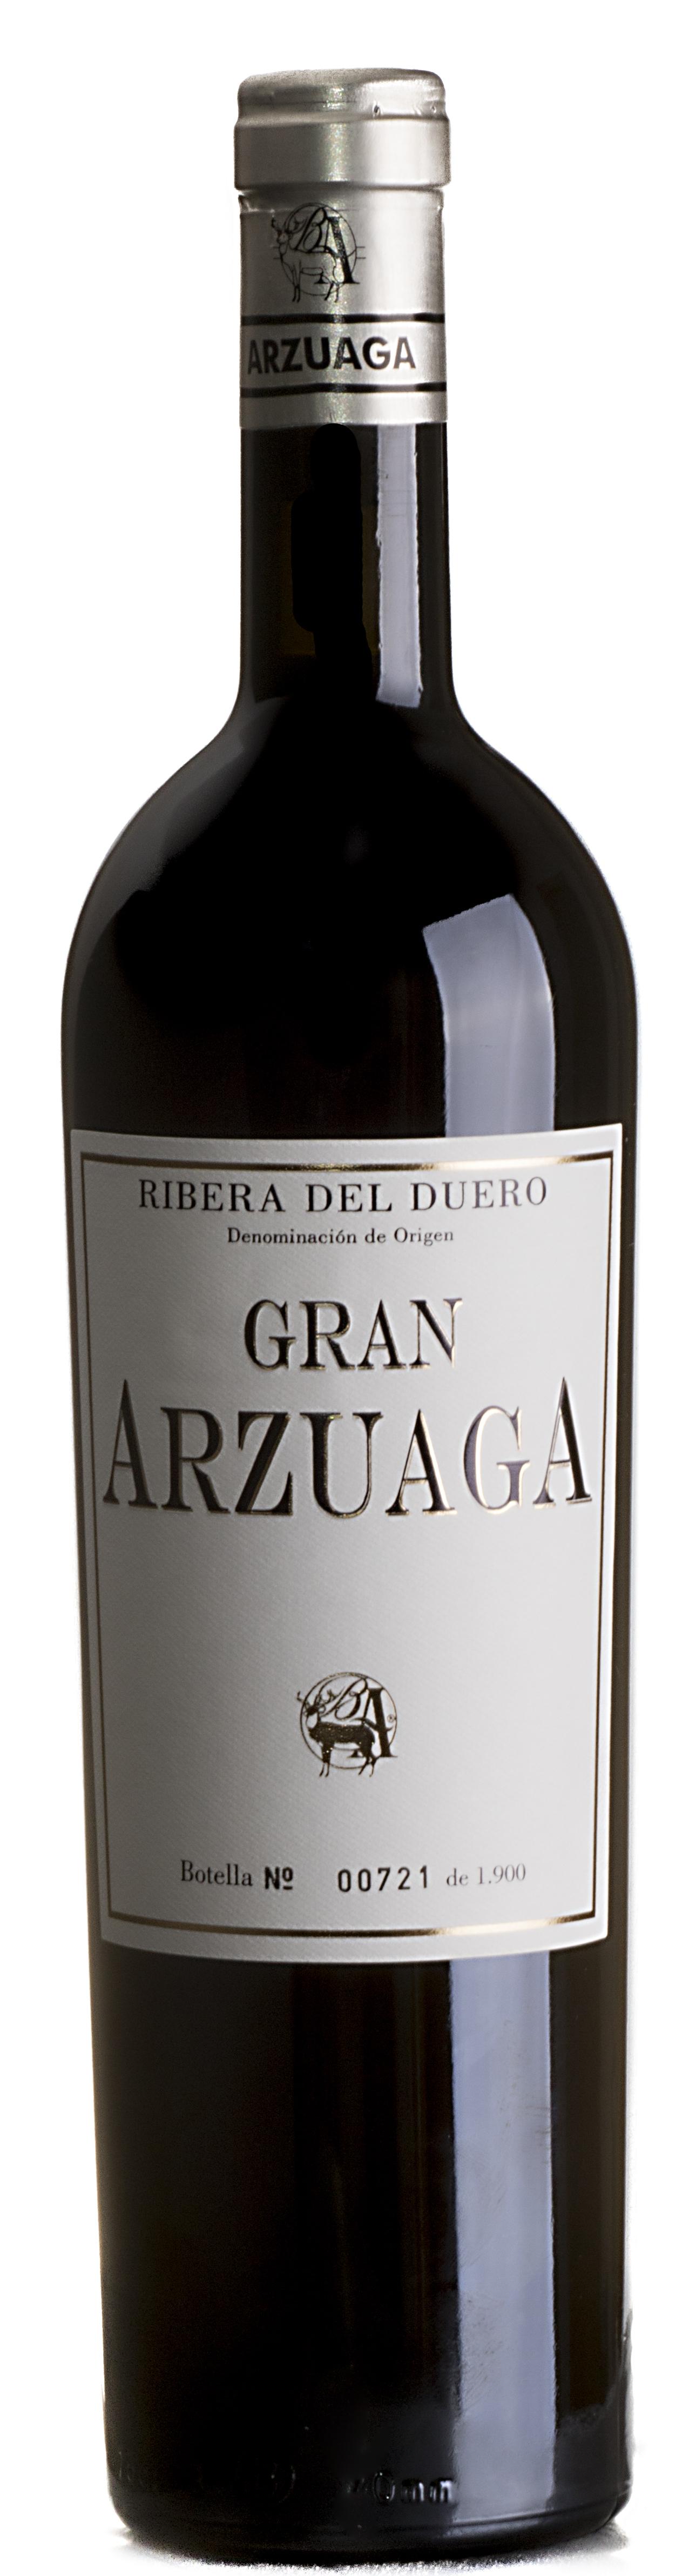 Gran Arzuaga | Arzuaga - Winexfood